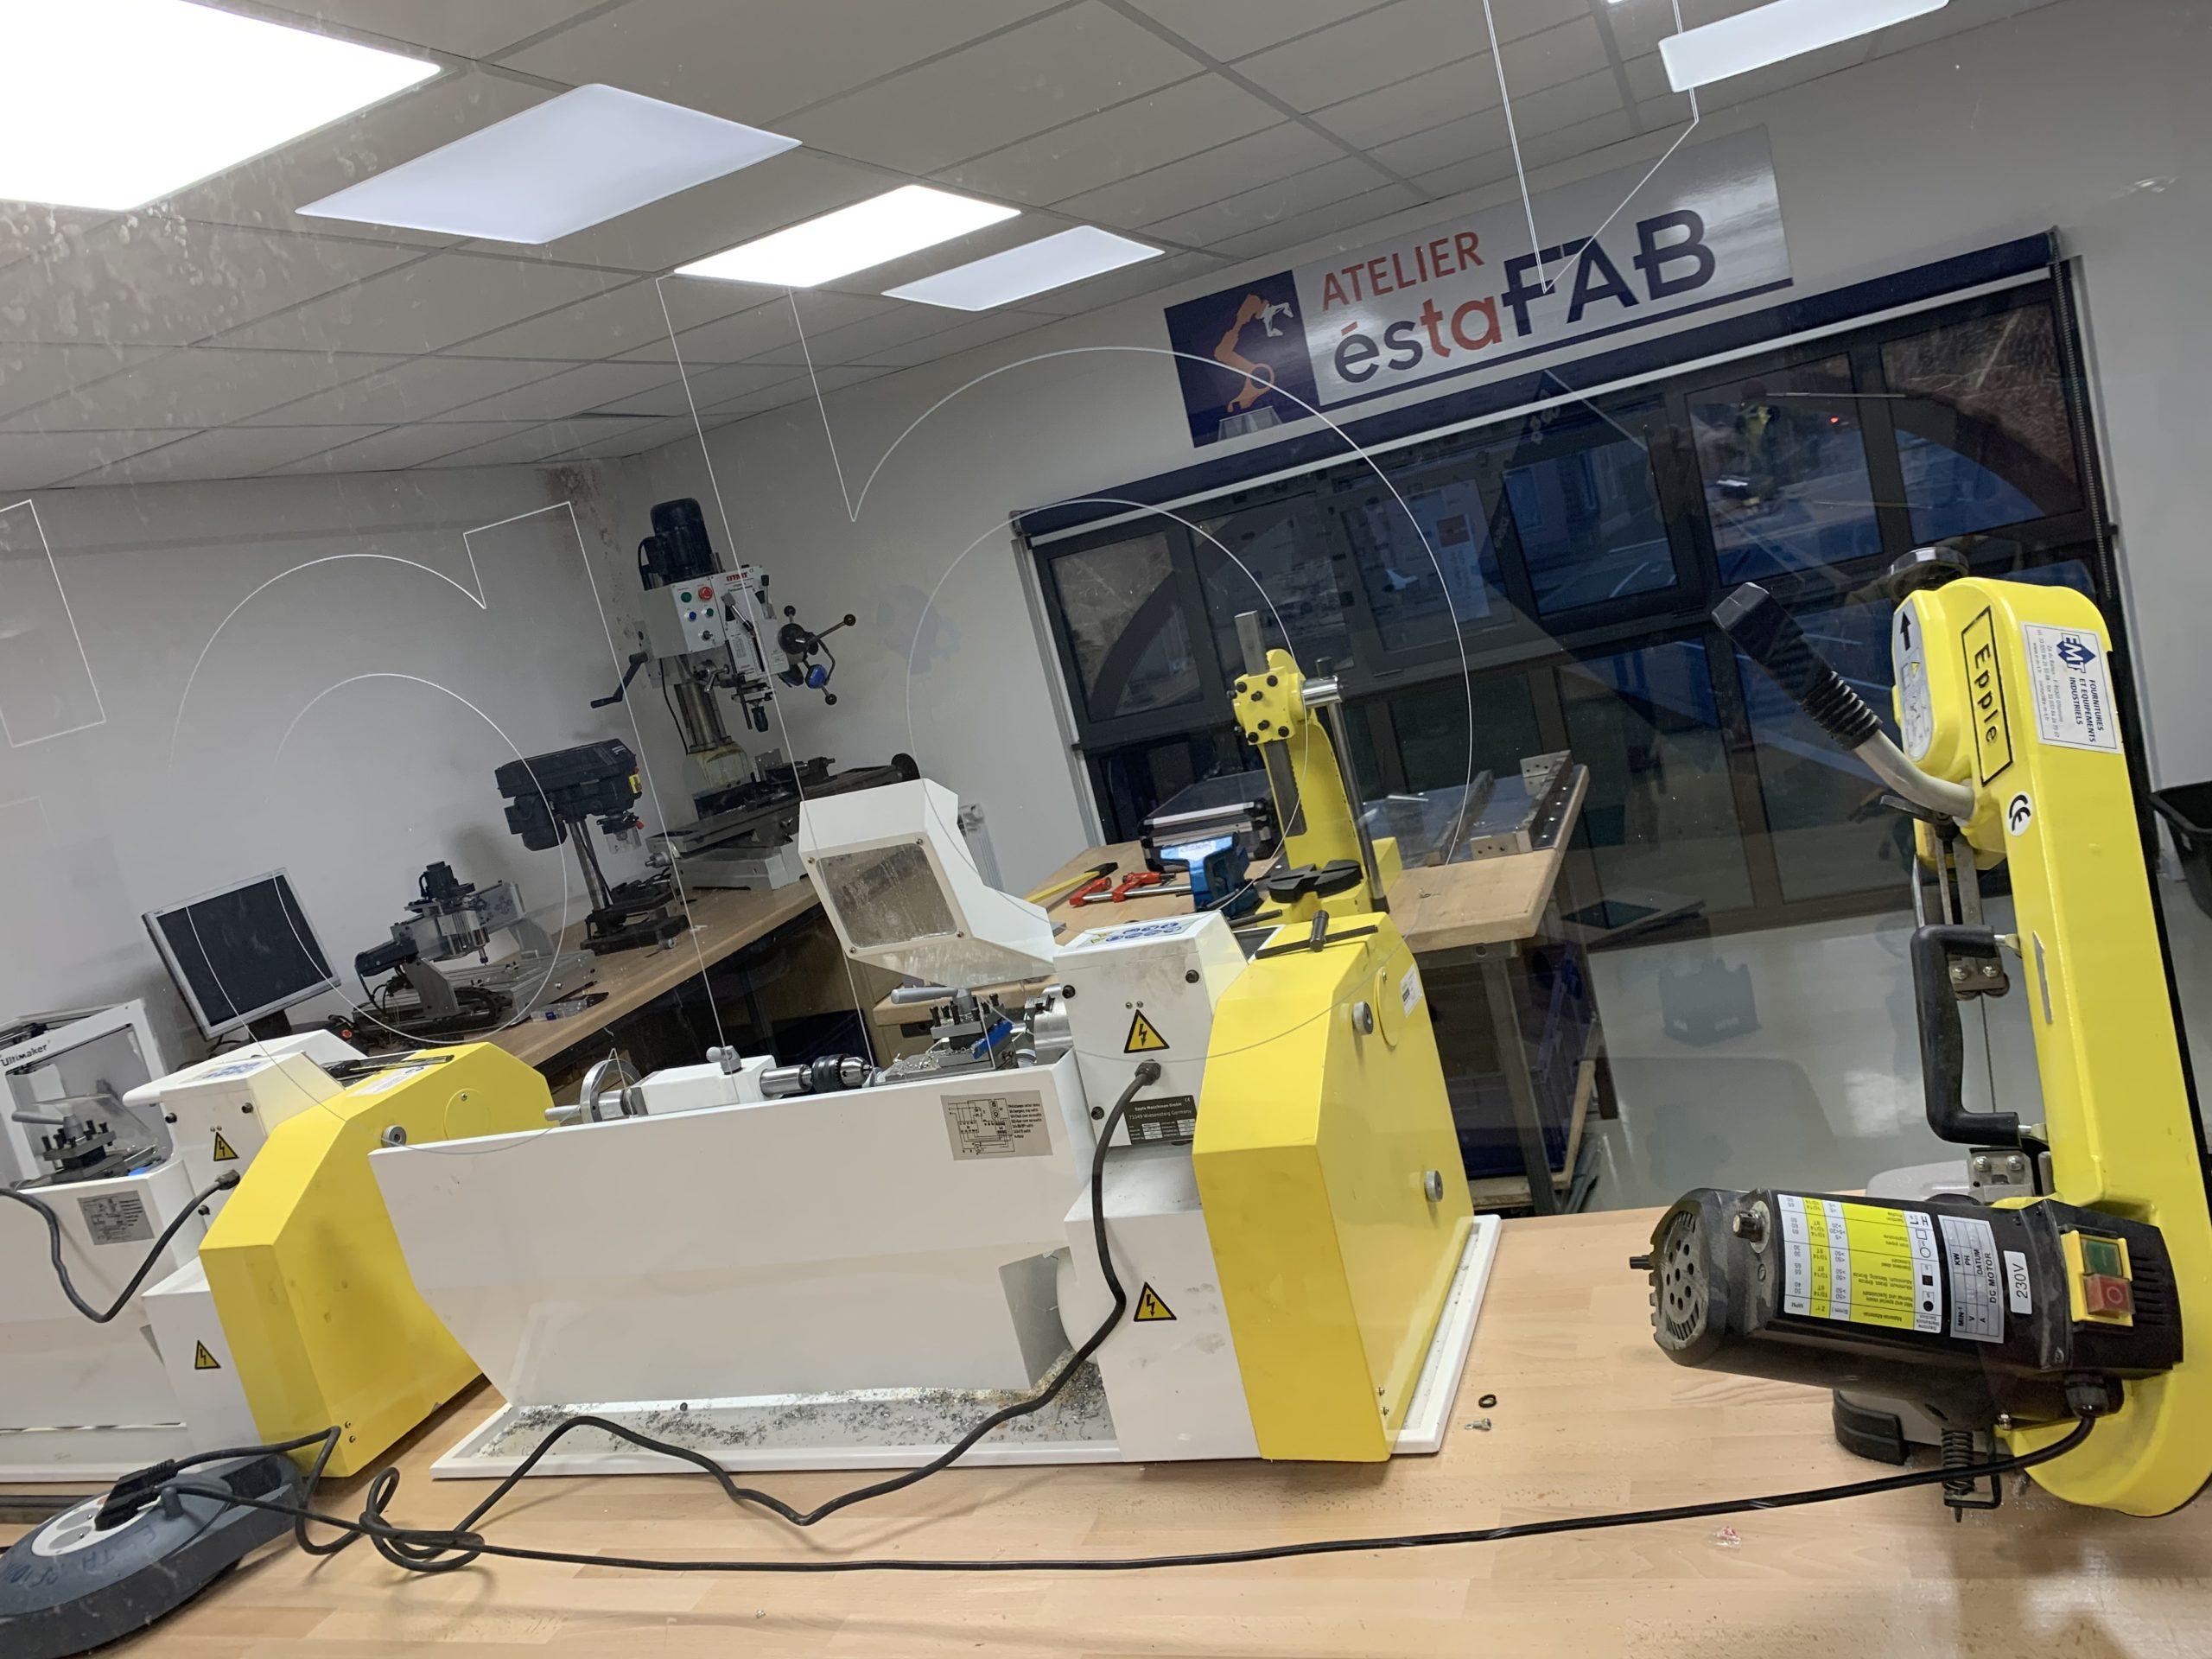 Esta fab, atelier de l'école supérieure des technologies et des affaires (Esta)